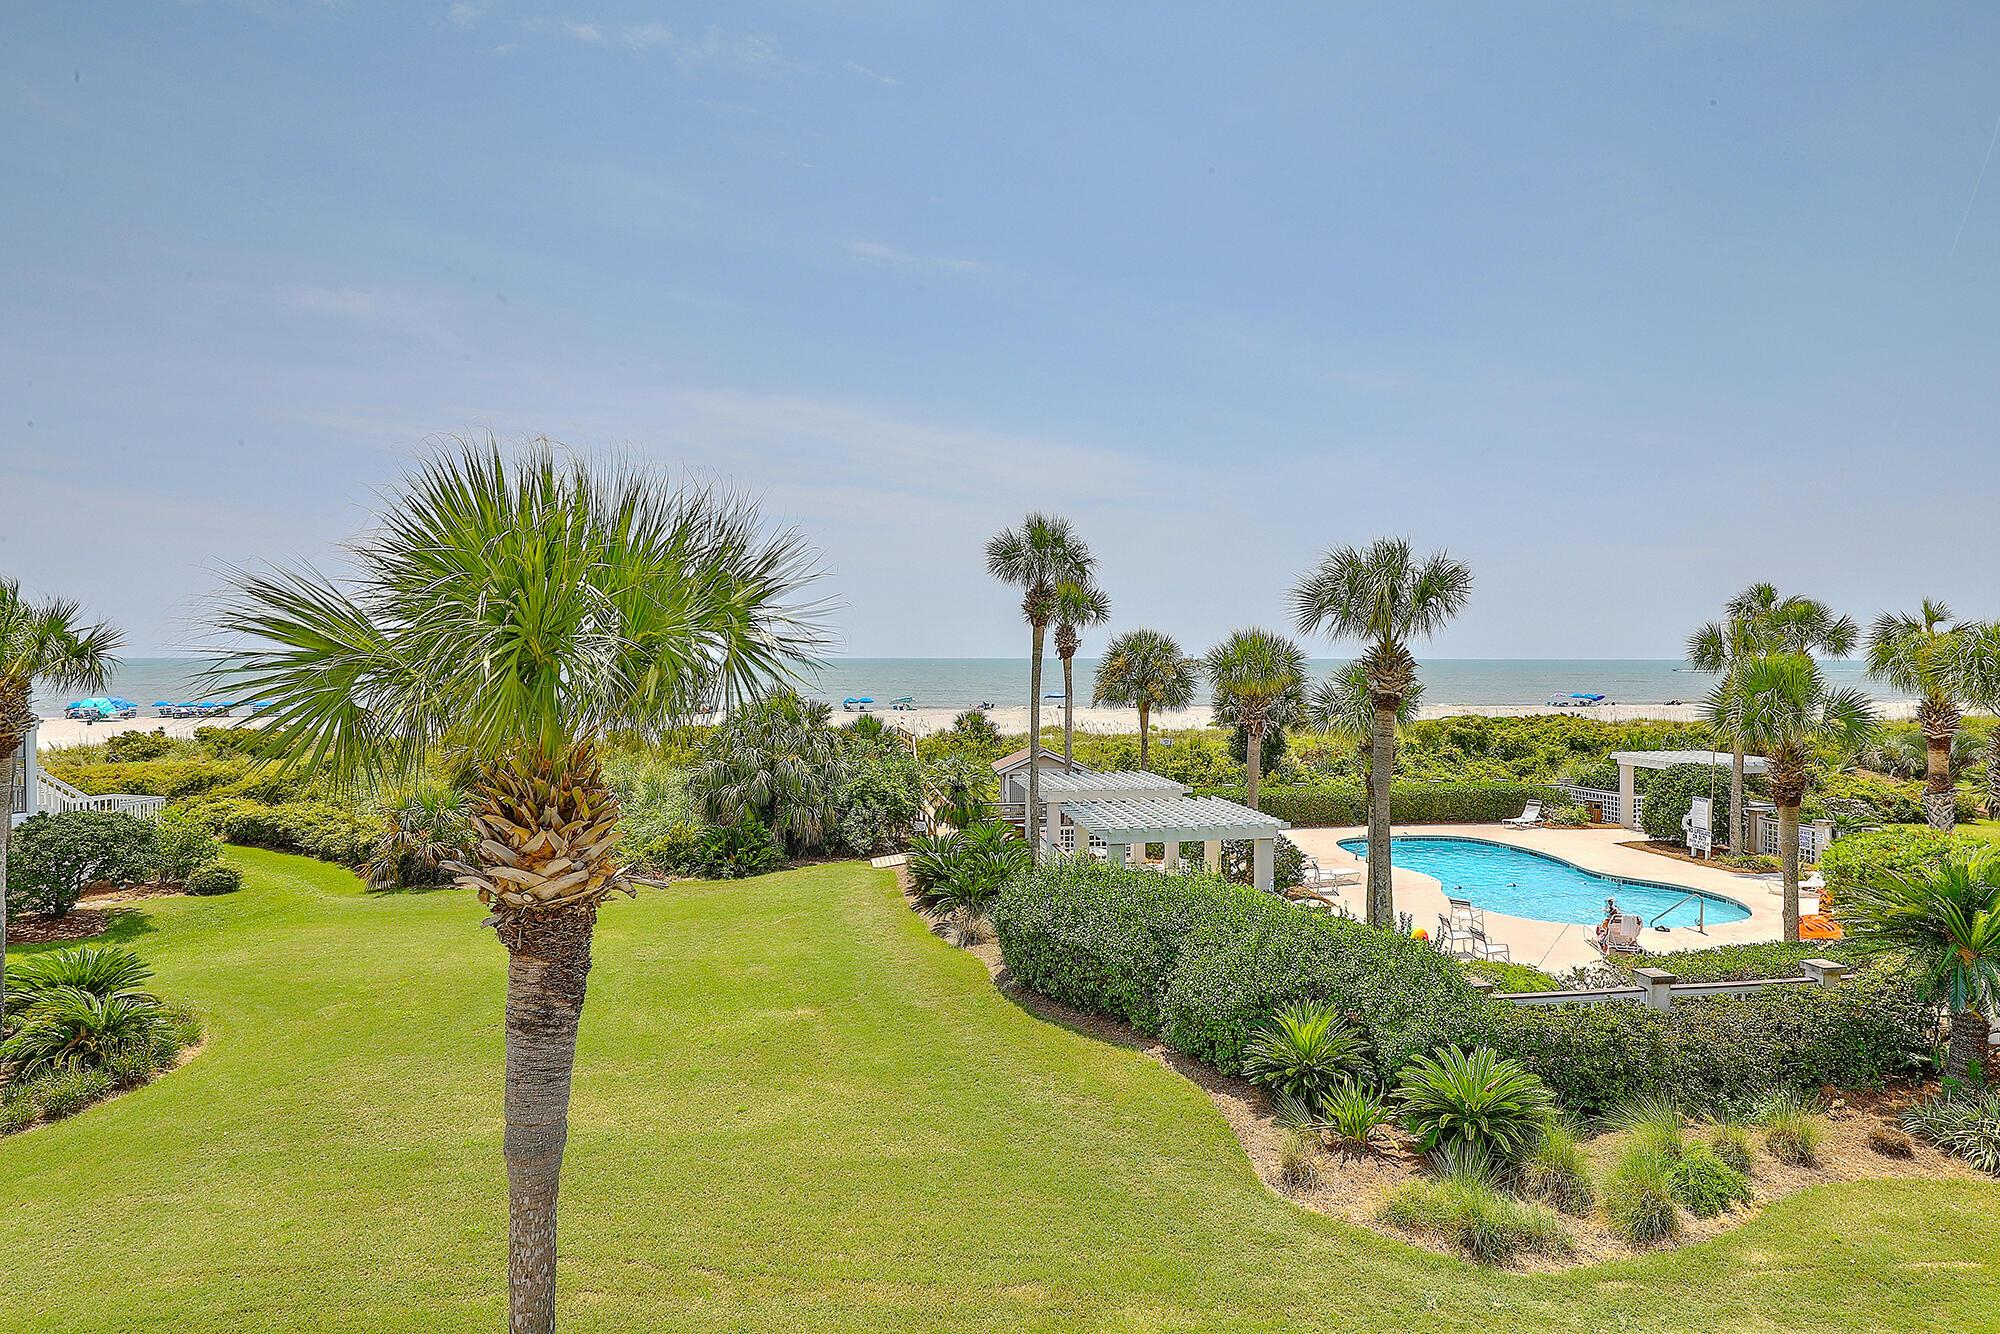 Beach Club Villas Homes For Sale - 15 Beach Club Villas, Isle of Palms, SC - 16